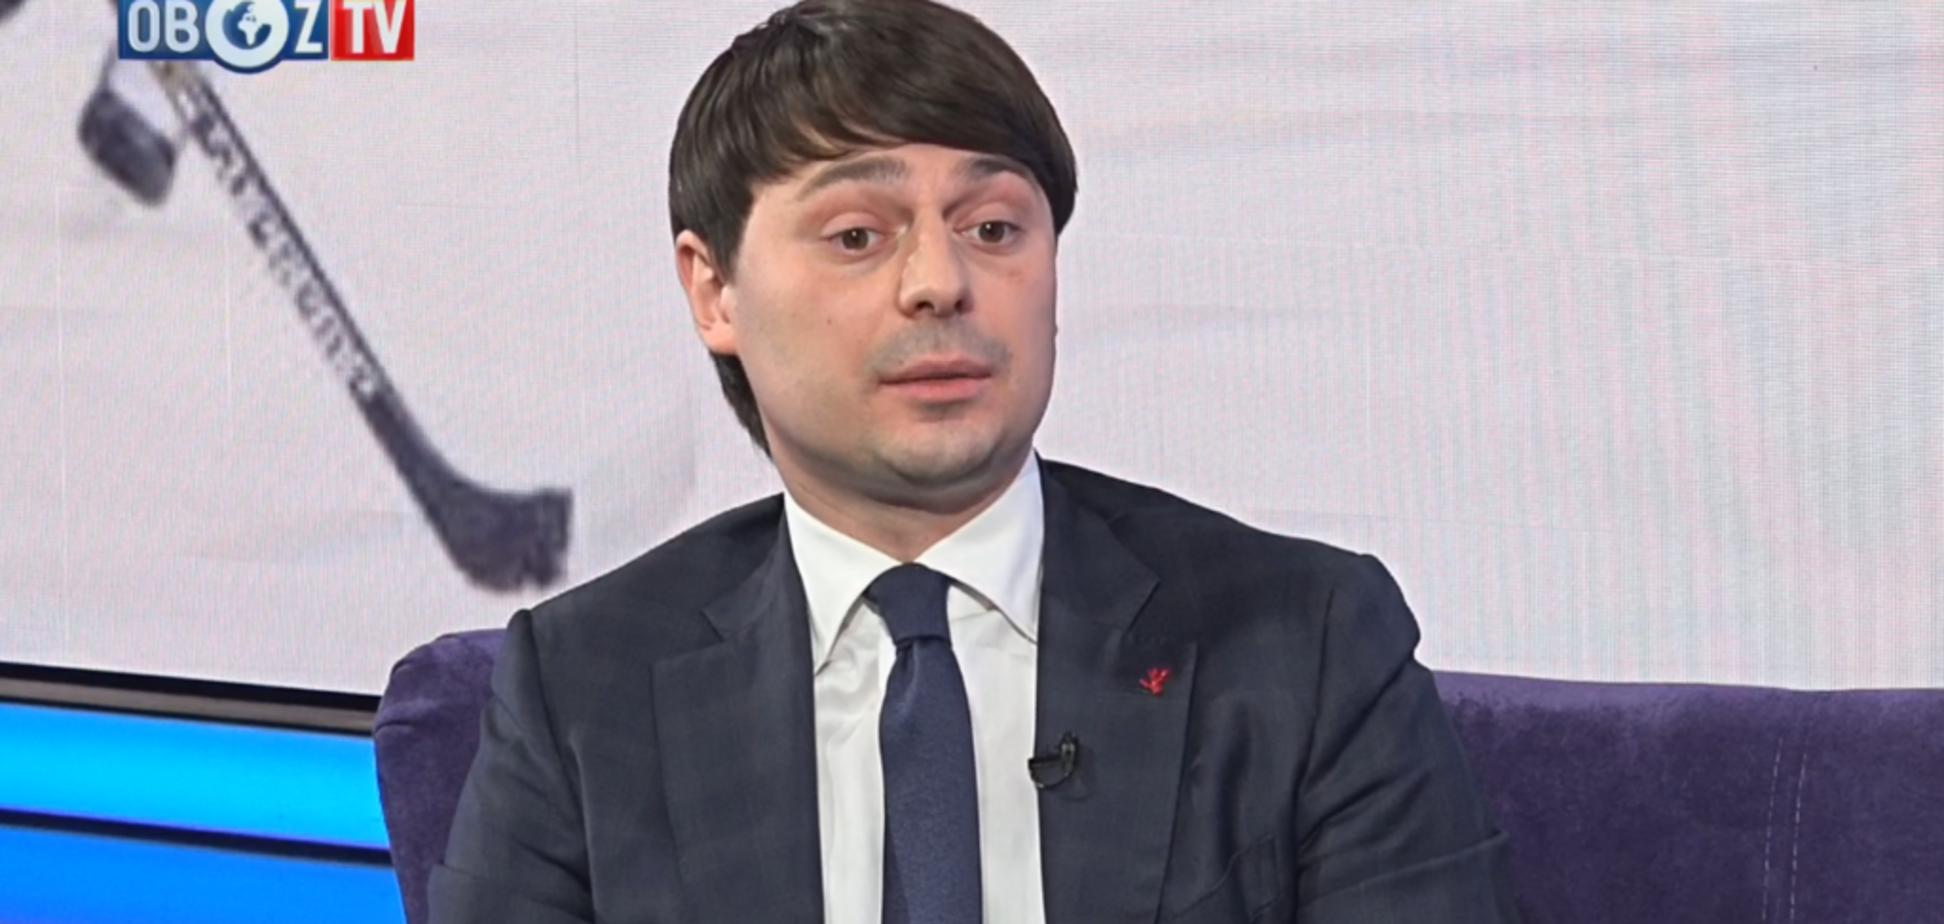 Скандалы украинского хоккея: договорные матчи и игроки с российским гражданством